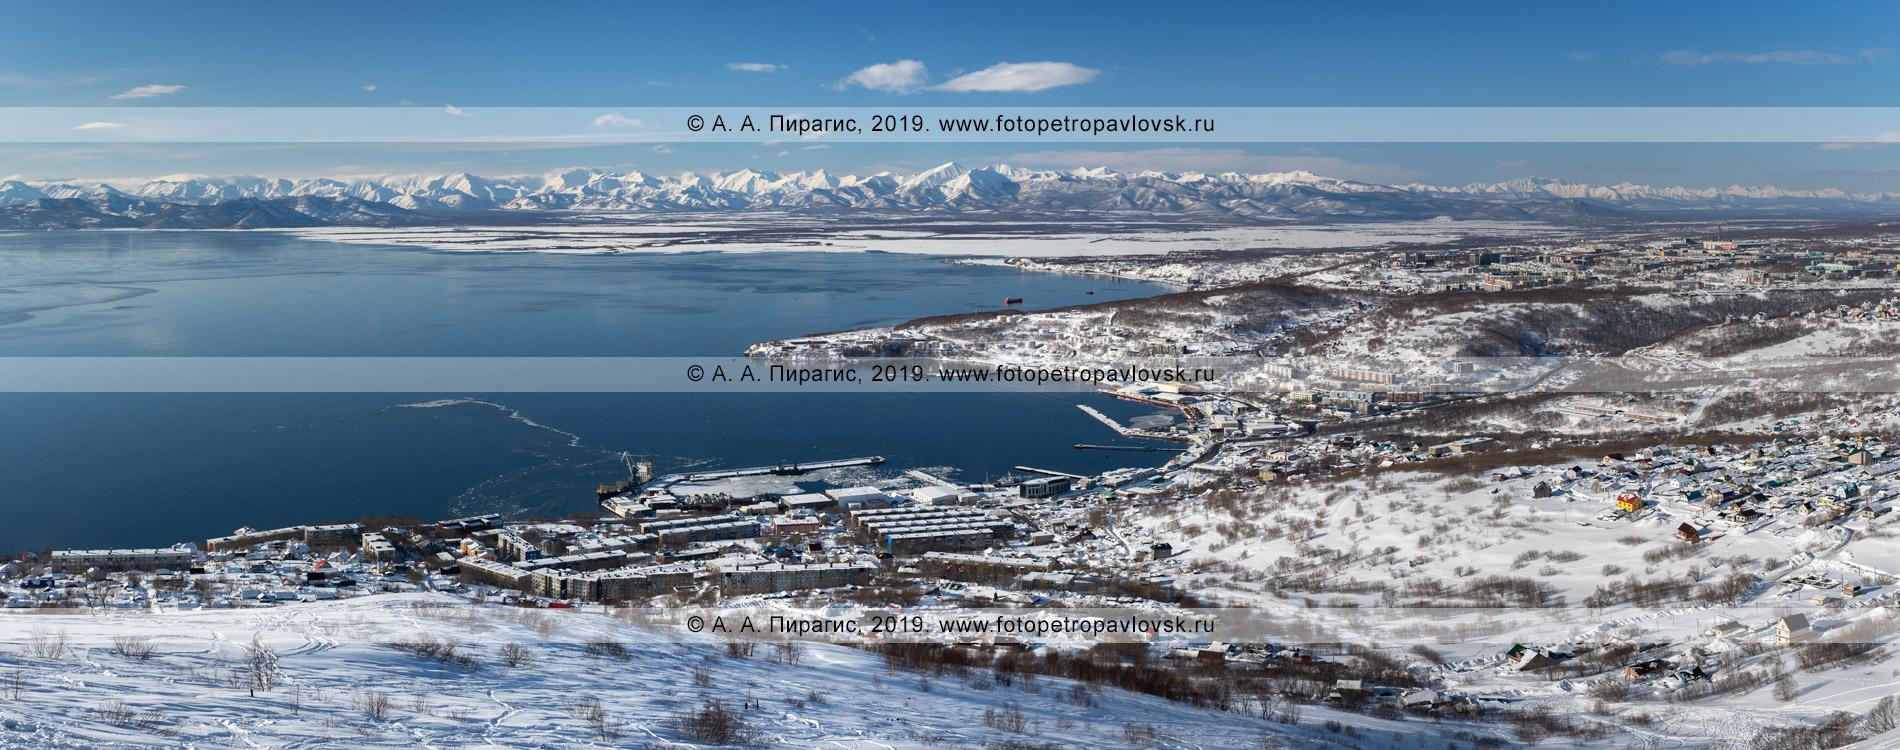 Фотография (панорама): зимний пейзаж города Петропавловска-Камчатского — микрорайон Сероглазка, Авачинская губа (Авачинская бухта)